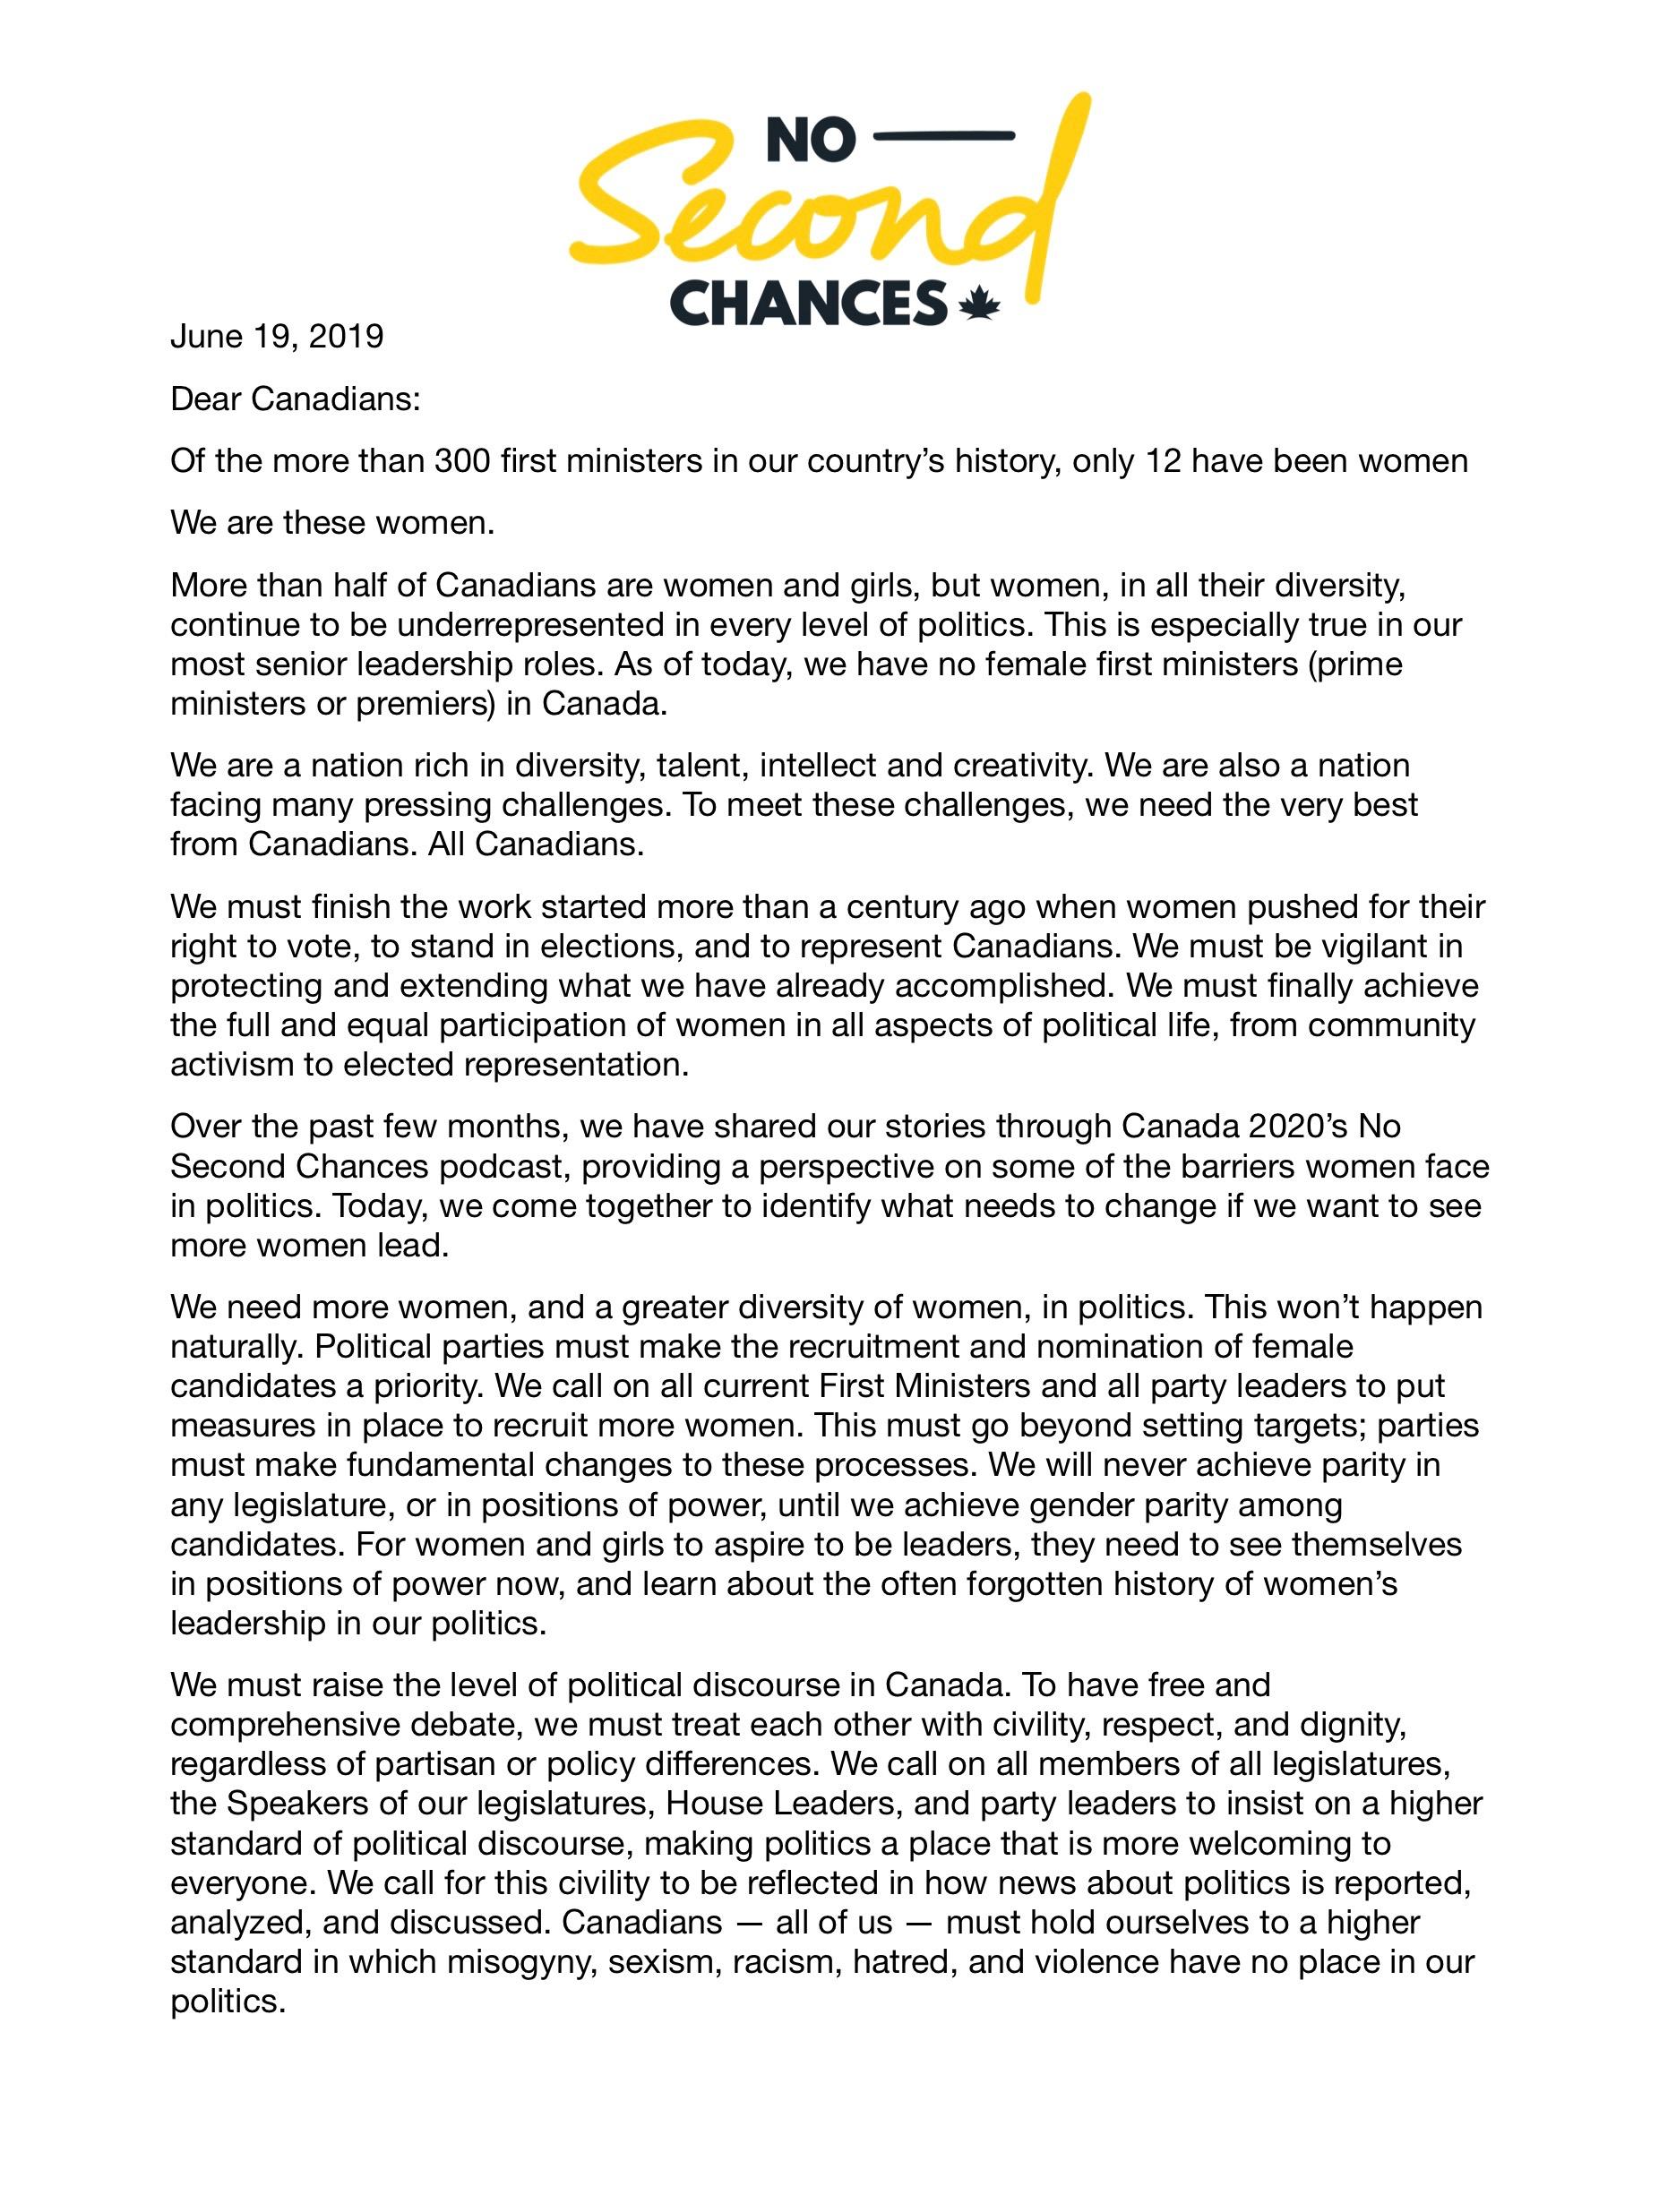 Une lettre ouverte des premières ministres du Canada